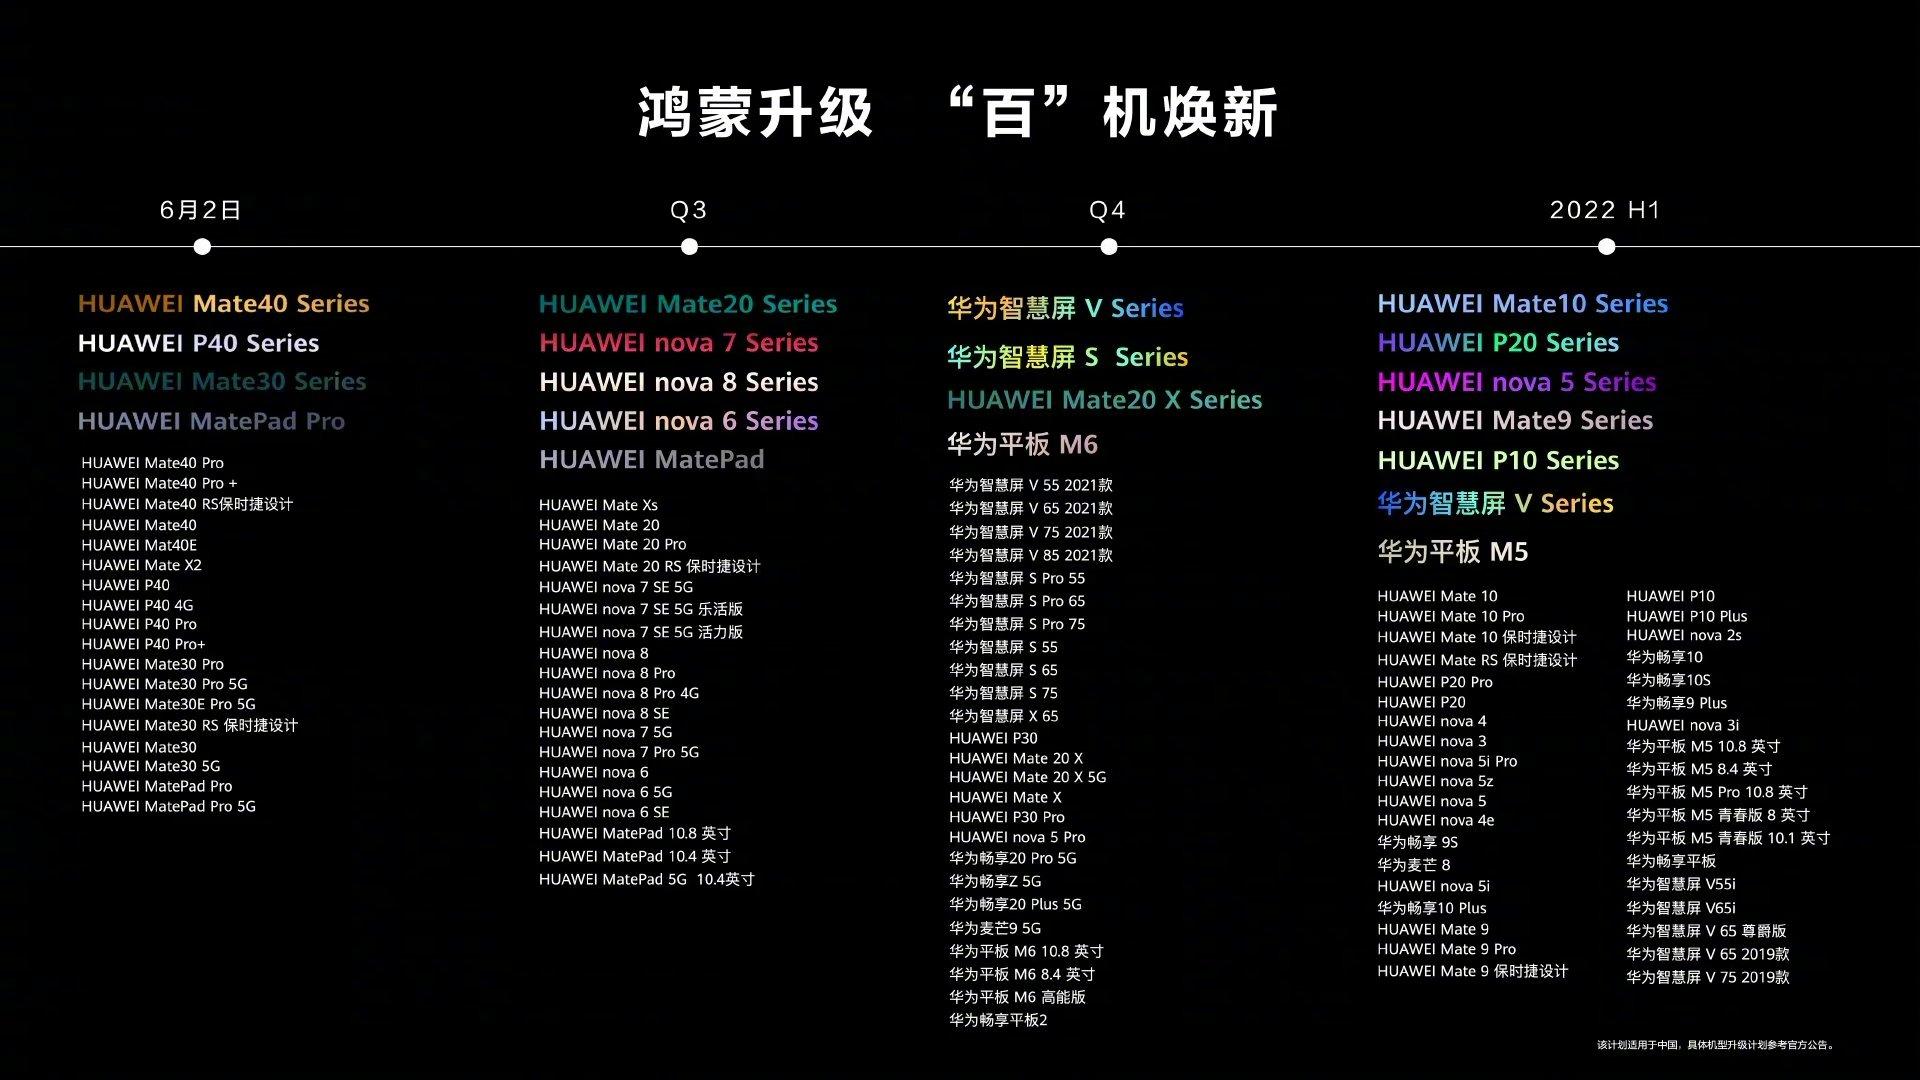 Huawei HarmonyOS OTA update roadmap